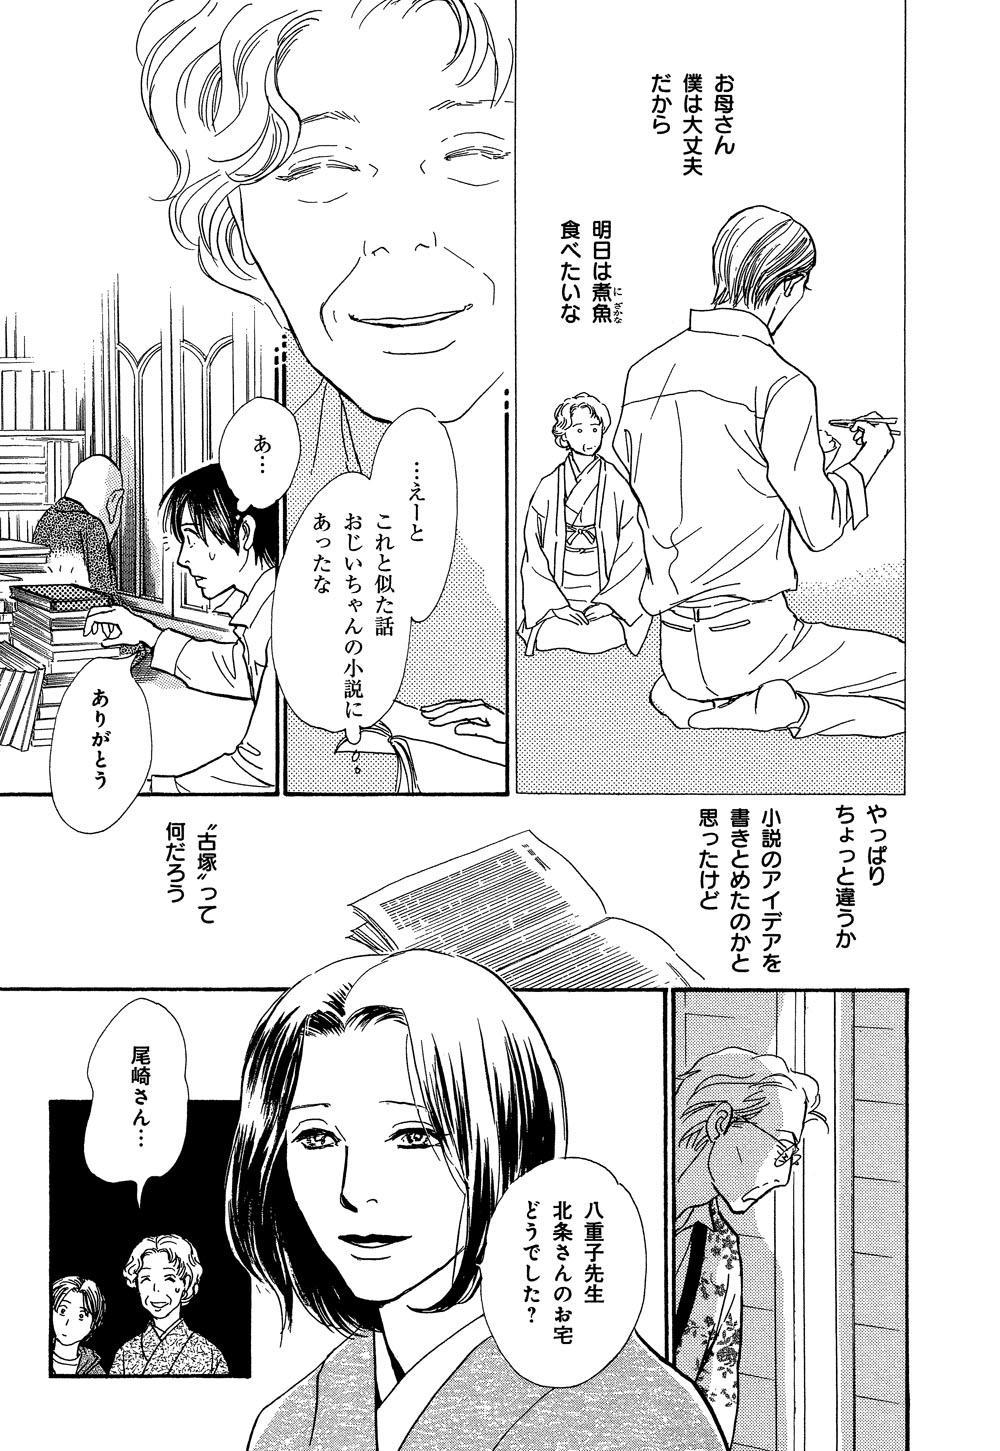 hyakki_0021_0035.jpg